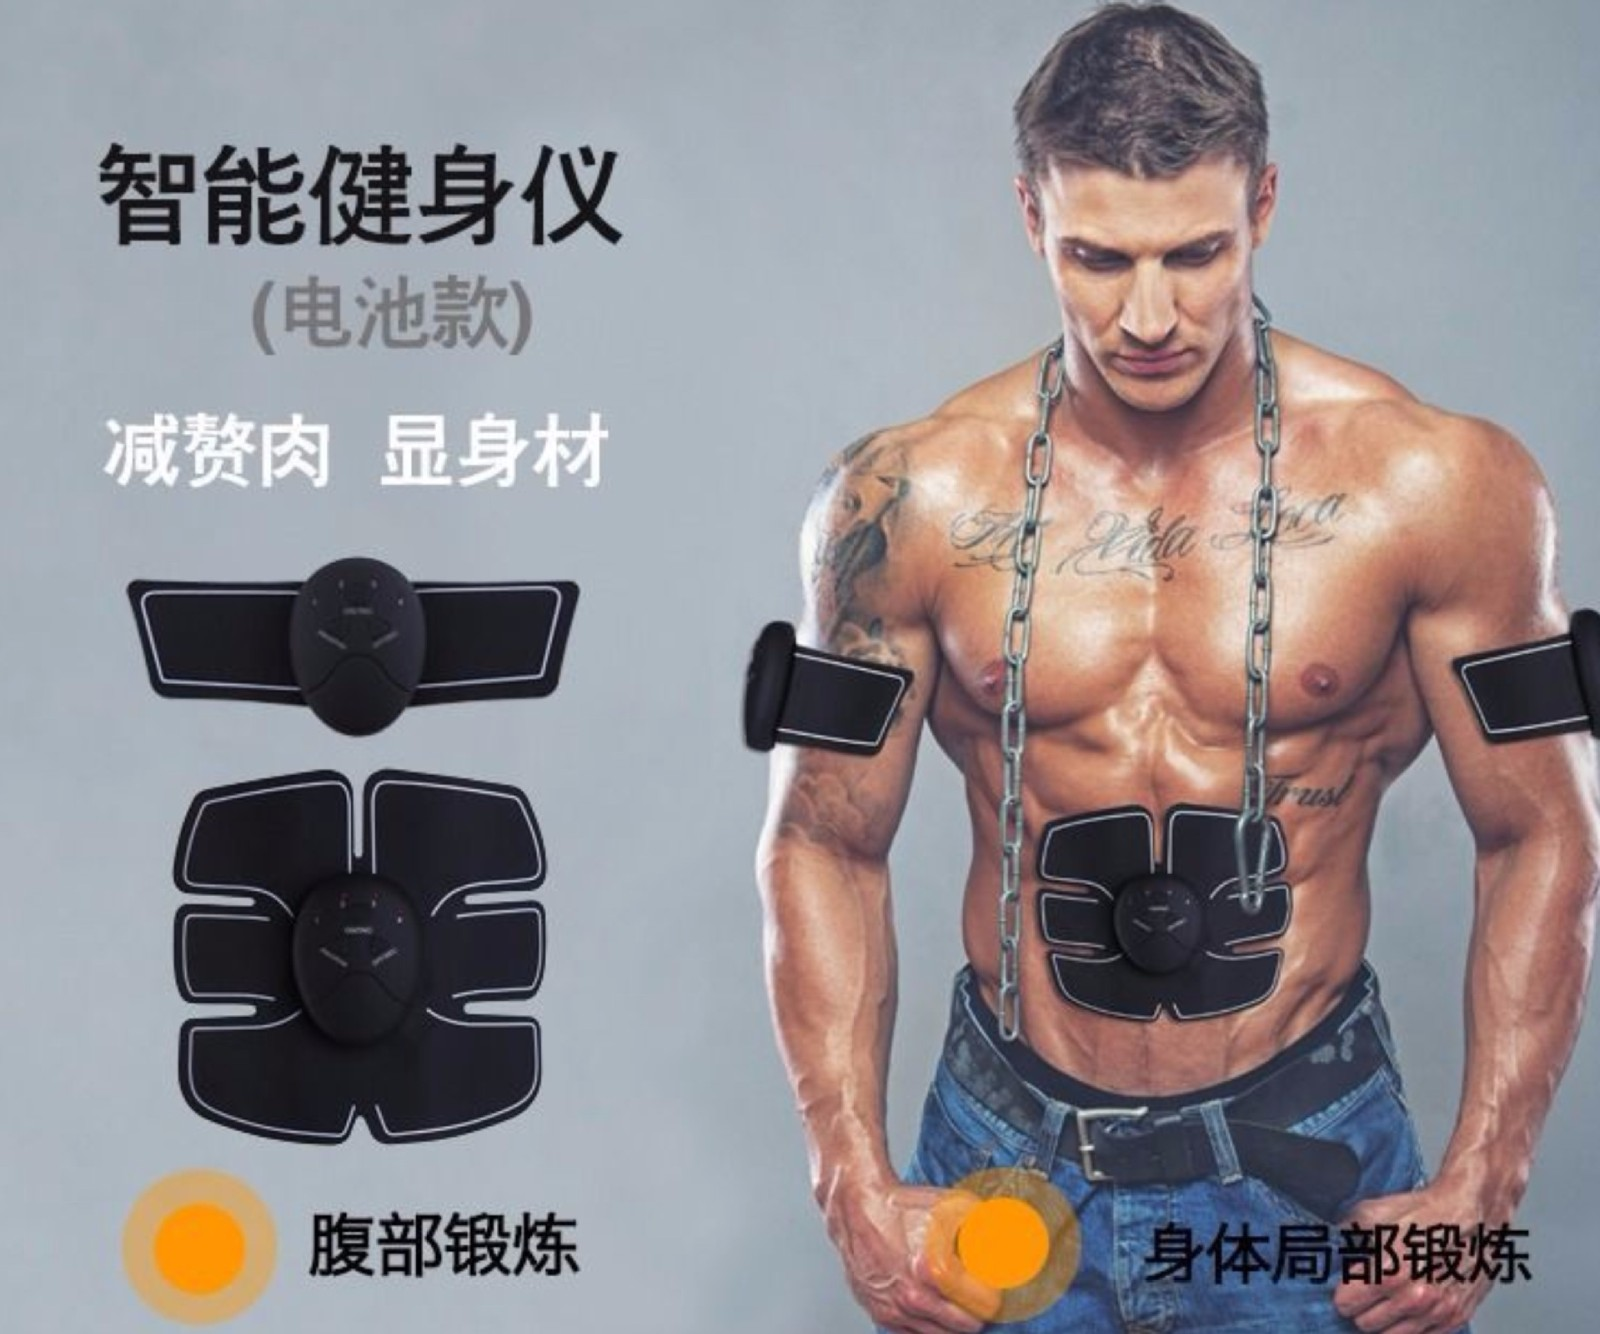 健腹器|按摩器-深圳市万宝吉科技有限公司